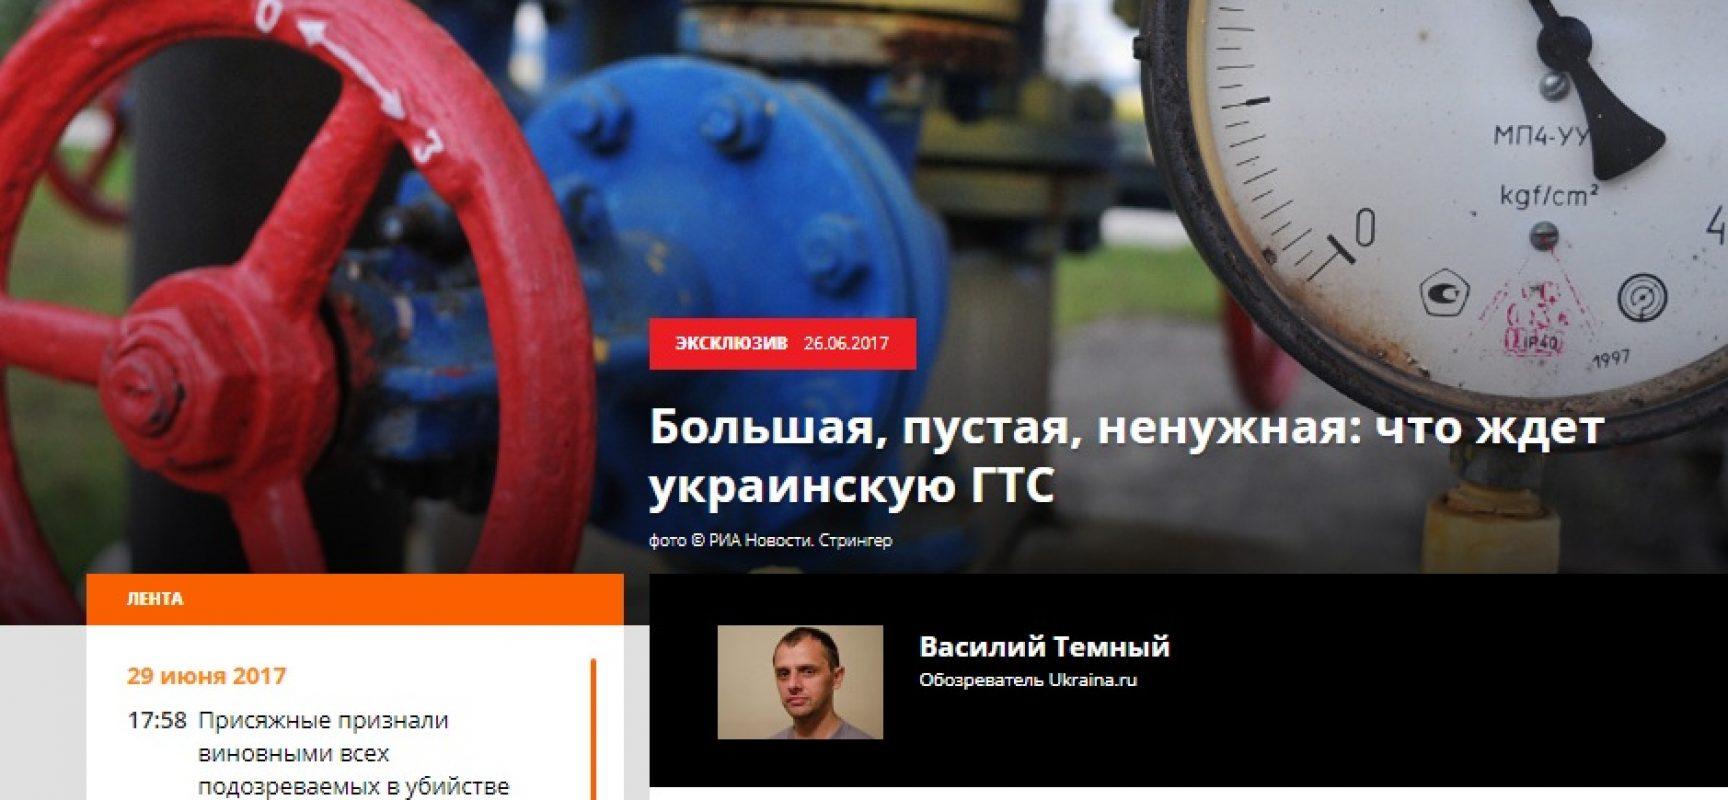 Fake : Con il Nordstream 2 Ucraina tagliata fuori